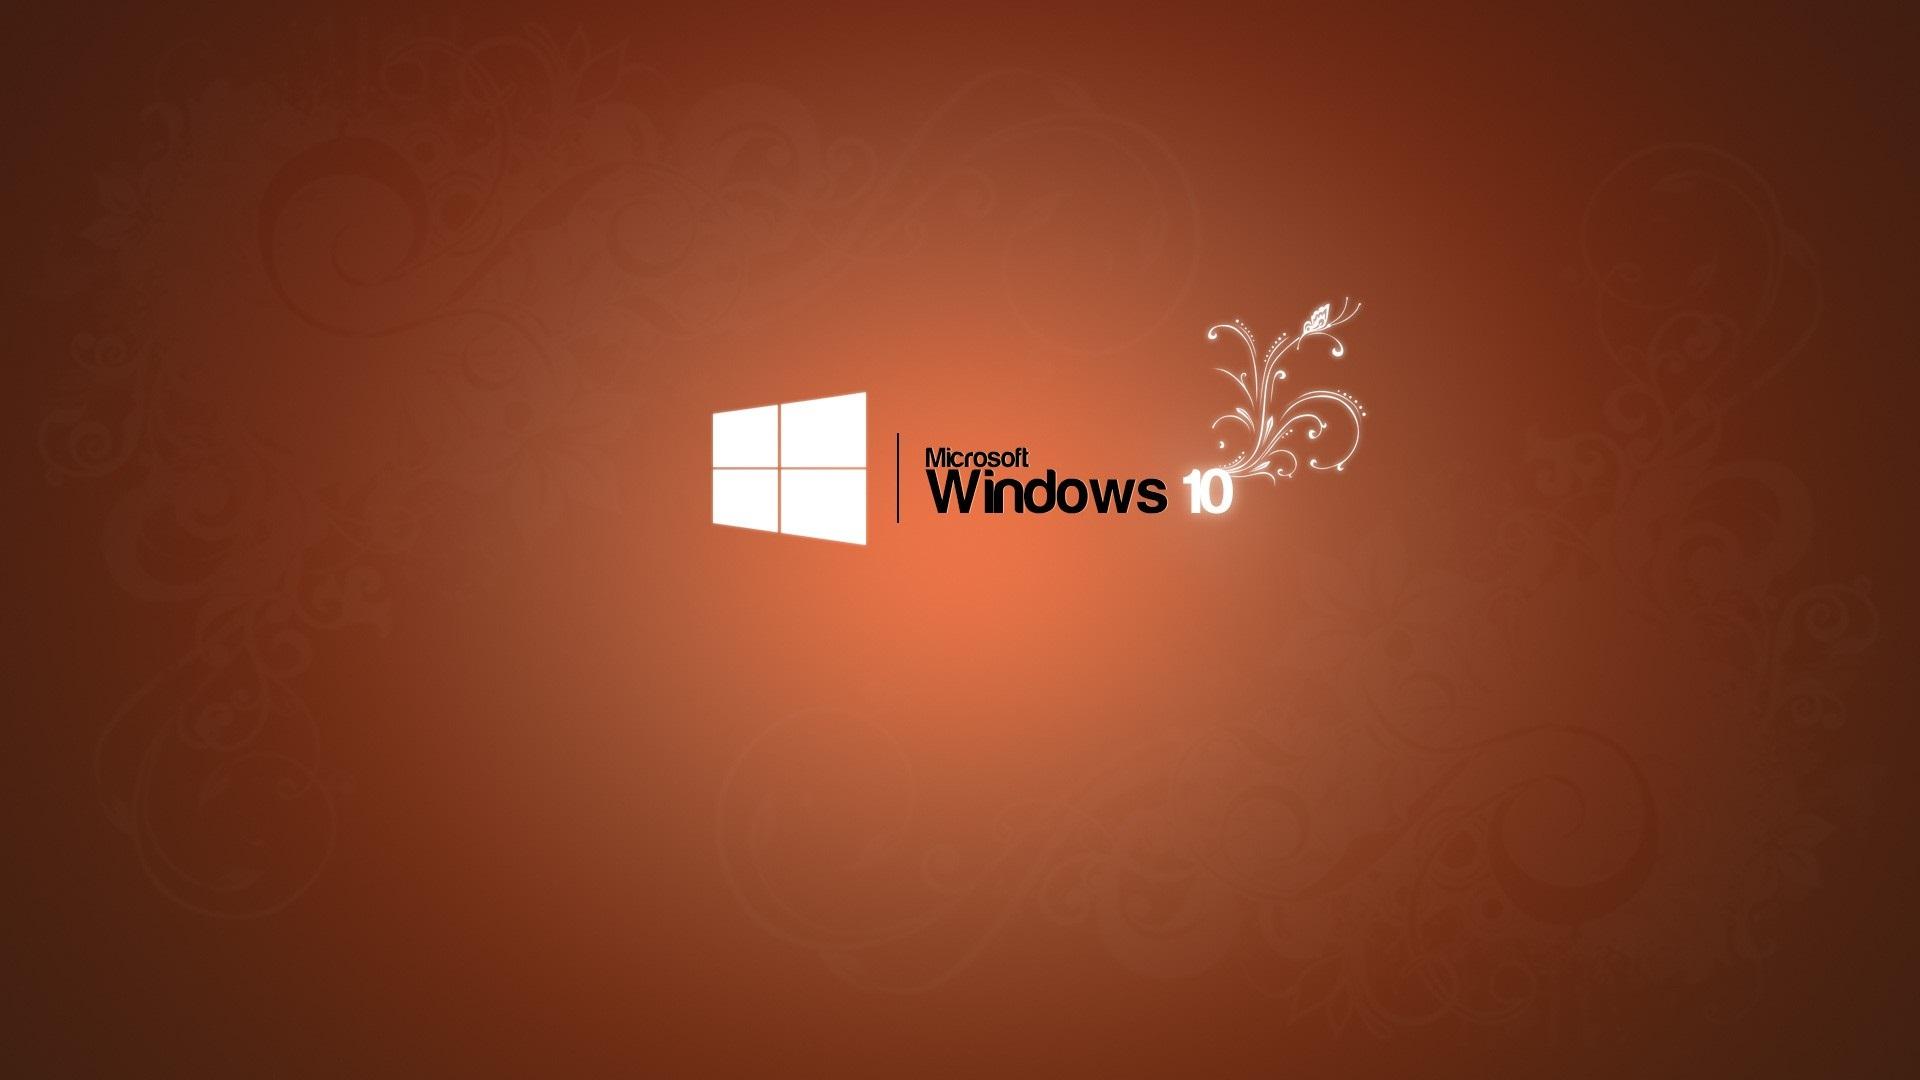 microsoft windows10 1920x1080 full hd hd 169 1366x7681600x9001920x1080 voltagebd Images